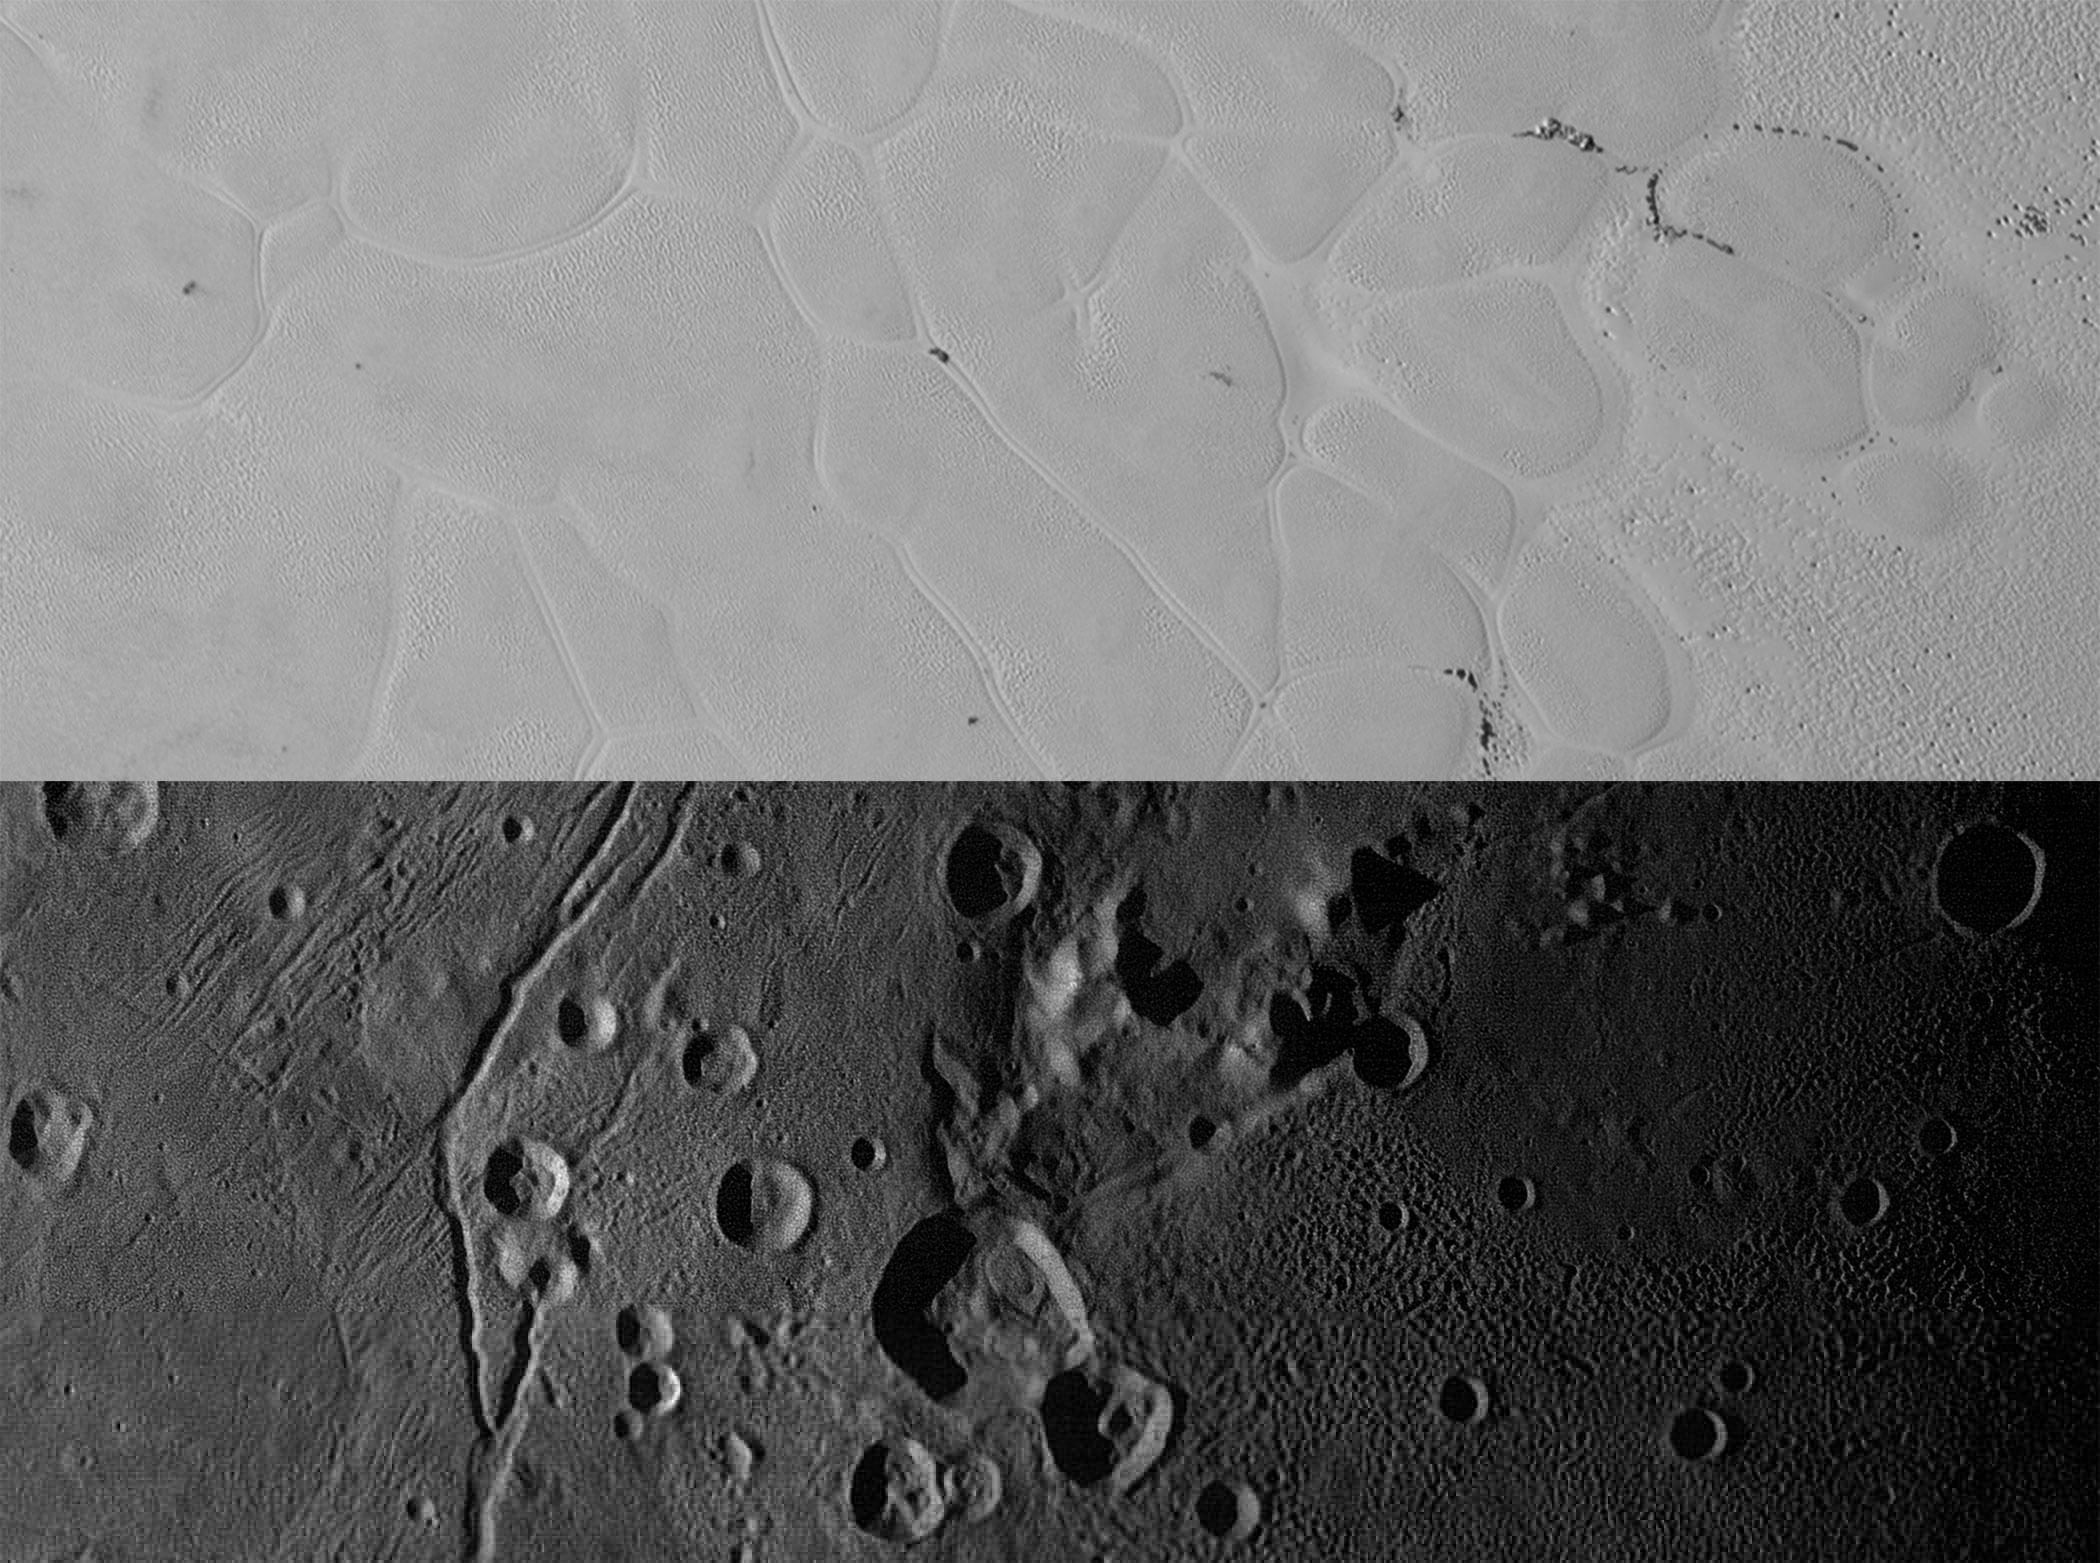 Yukarıda 367 km uzunluğundaki Sputnik Planum, aşağıda ise 312 km genişliğindeki Vulcan Planum görülüyor. Sputnik'te nitrojen düzlükler birleşen ağlarla döşenmiş. Vulcan'da ise merkezin hemen yukarısındaki Clarke Mons dağı görülüyor. Sputnik'e ait piksel başına 320 metre çözünürlükteki fotoğraf nitrojen ağırlıklı düz alanı gösterirken, piksel başına 160 metre çözünürlüğe sahip Vulcan fotoğrafı su-buz zengini düz ve karmaşık alanları gösteriyor. [NASA]